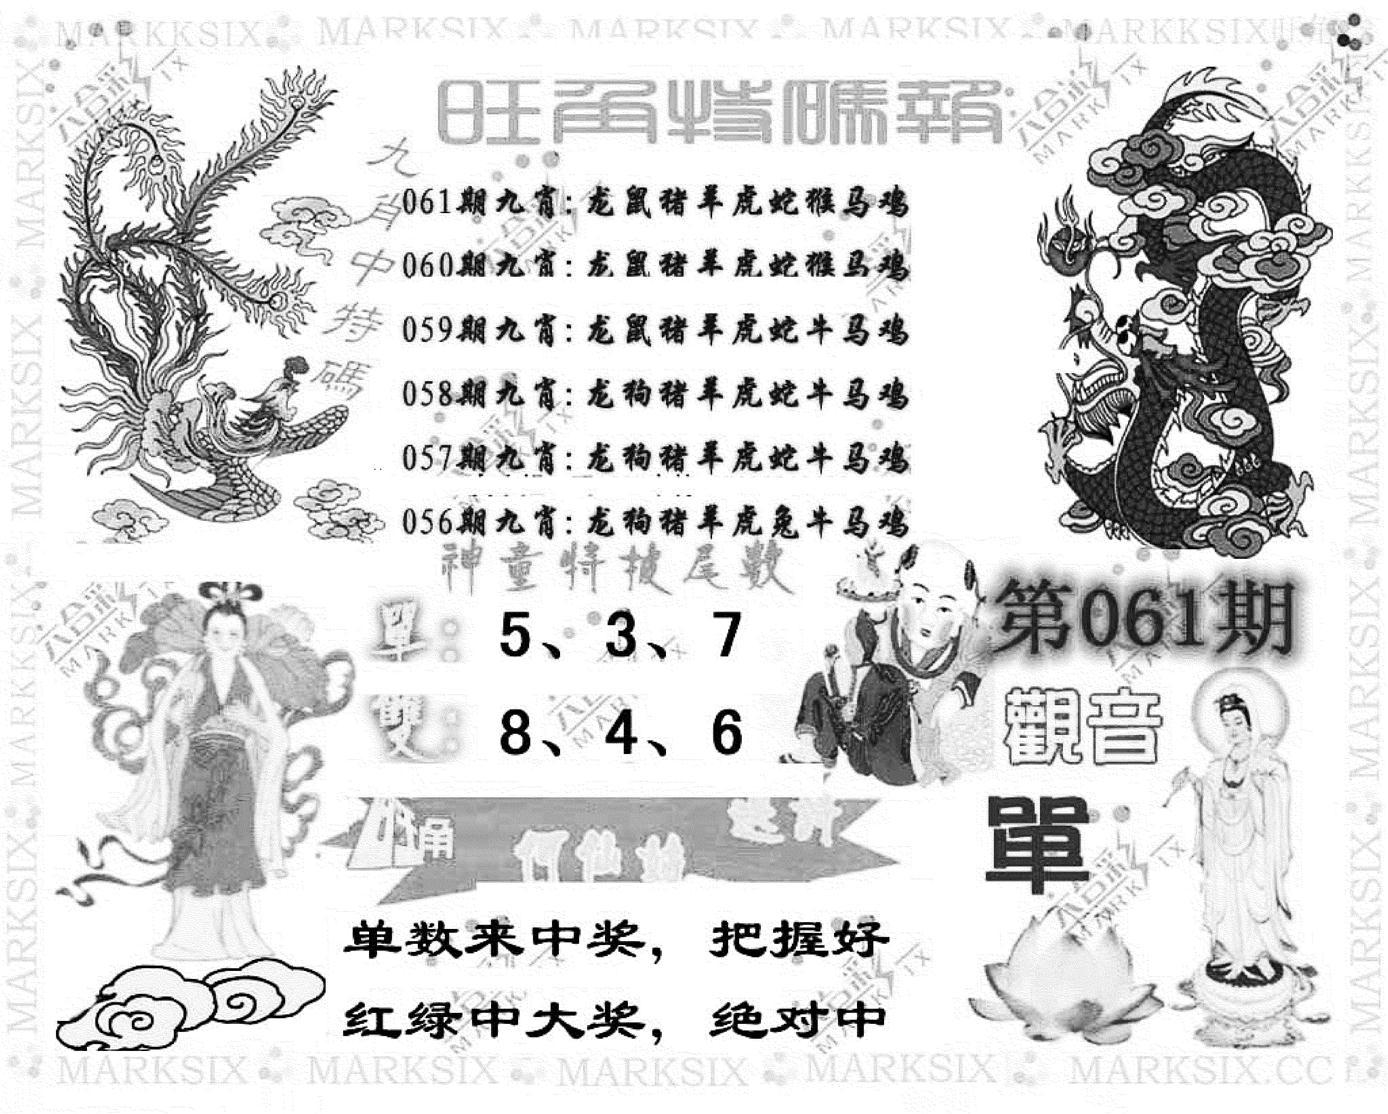 061期旺角特码报(彩)(黑白)